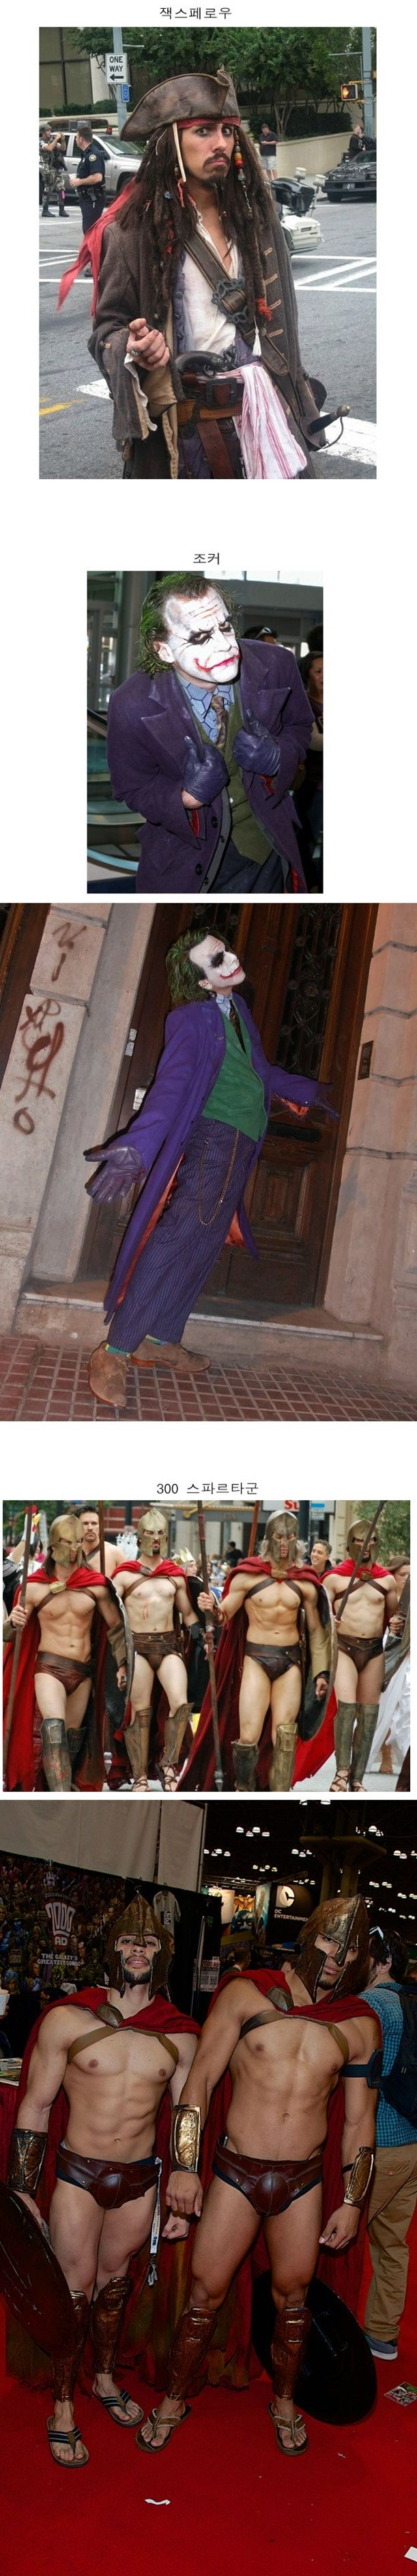 CostumePlay (5).jpg